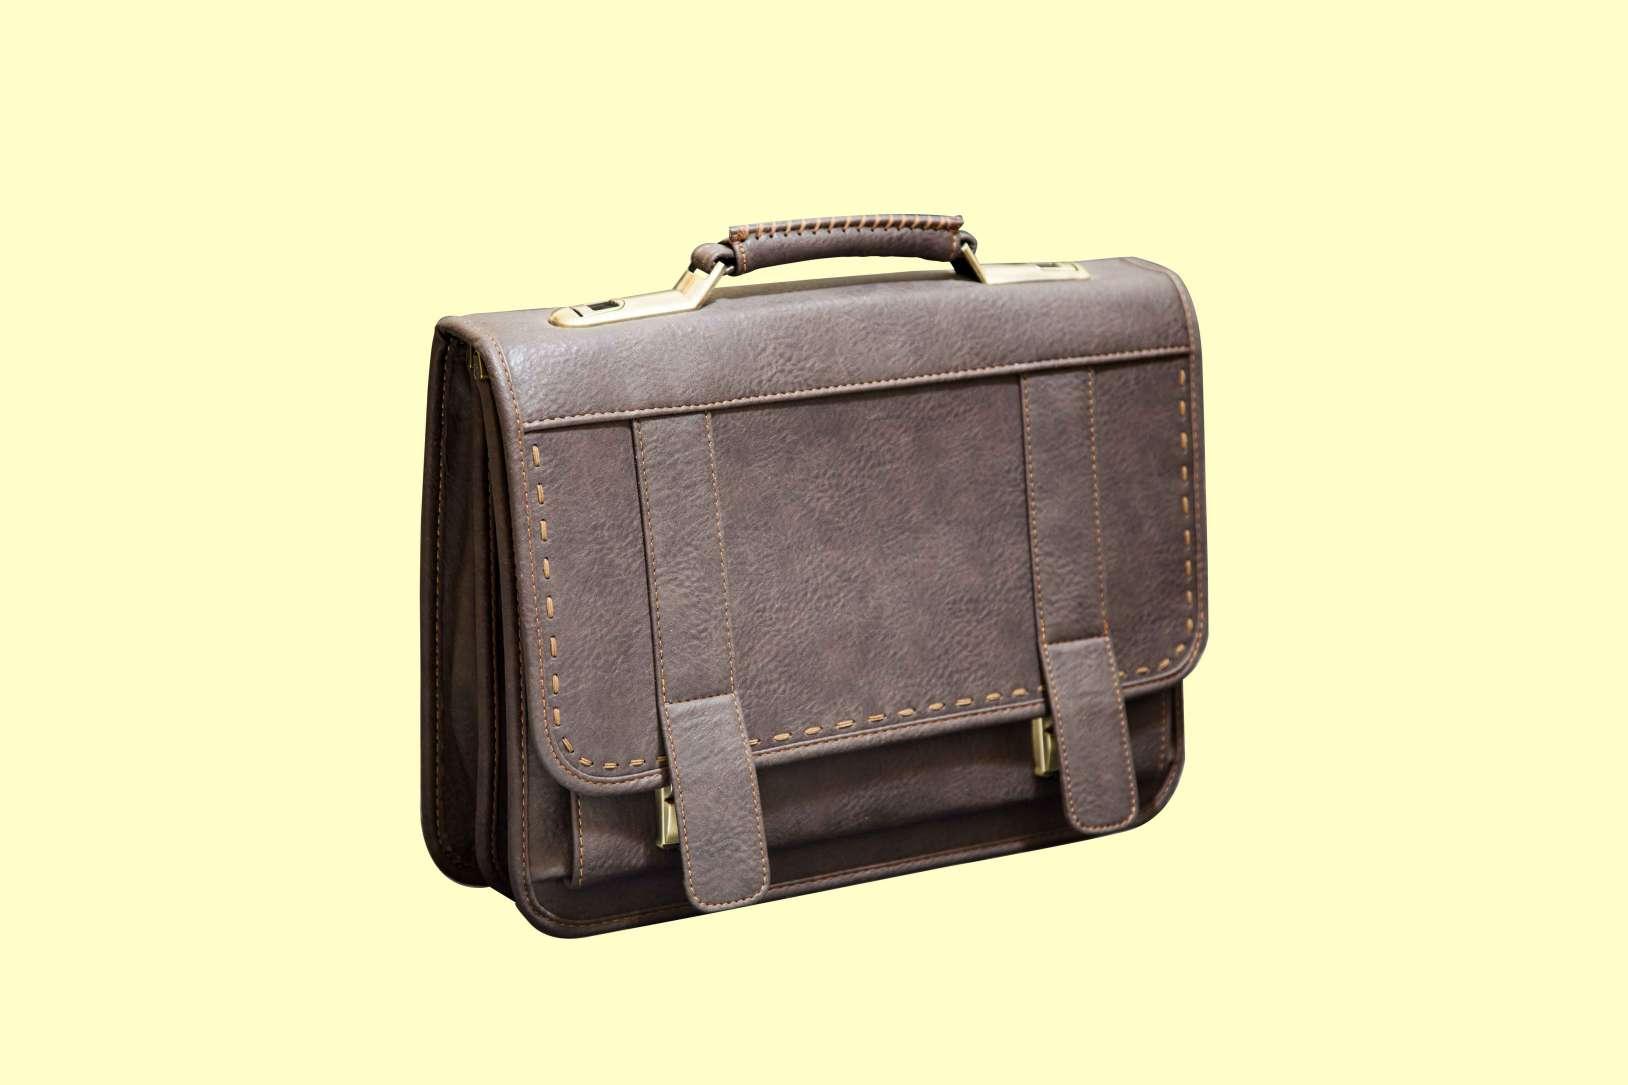 کیف اداری - هدایای تبلیغاتی